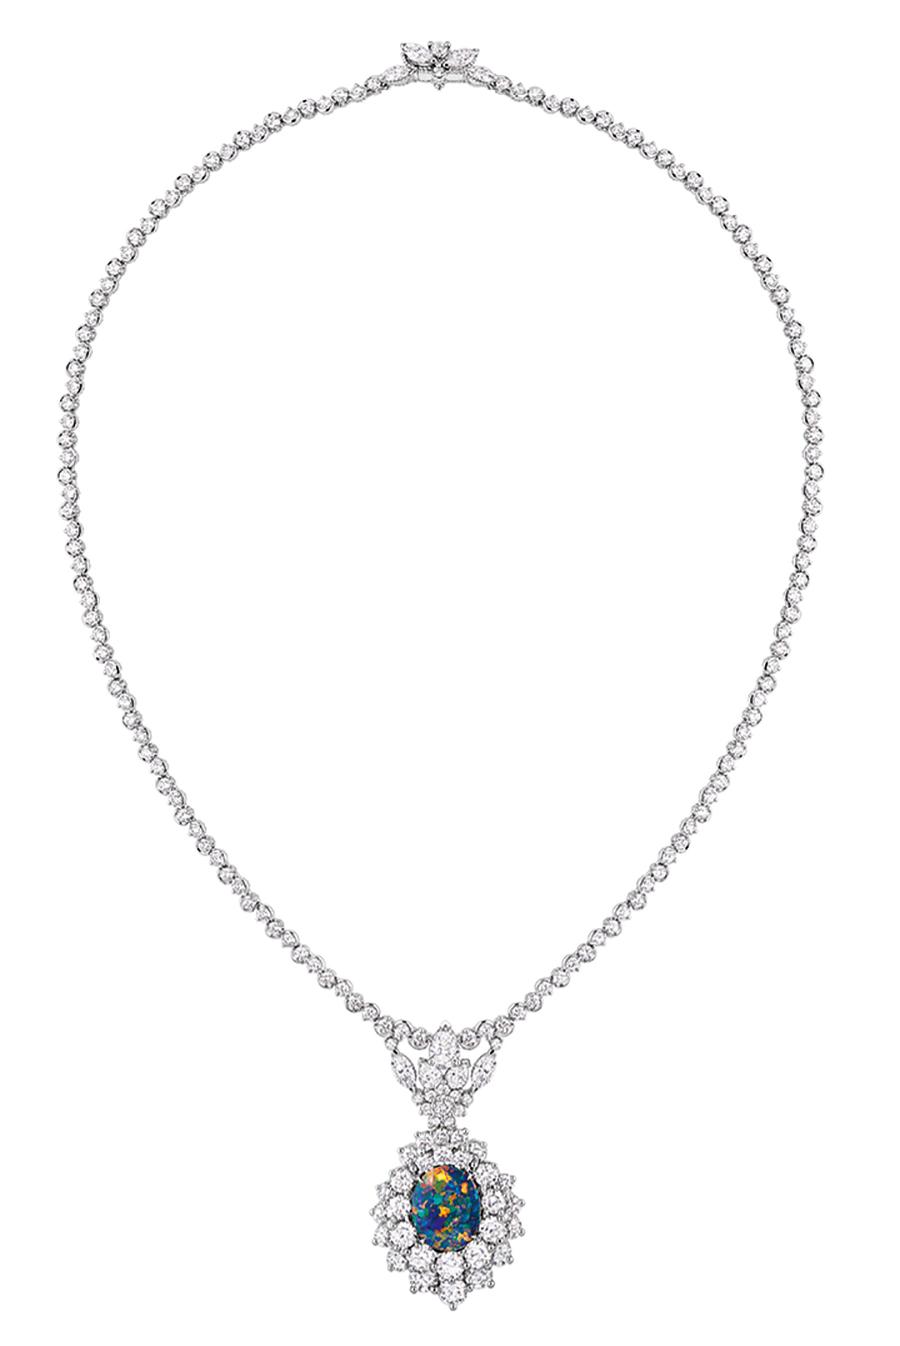 Victoire de Castellane-dior-Collana Majestueuse Opale- Oro bianco, platino, diamanti e opale nero